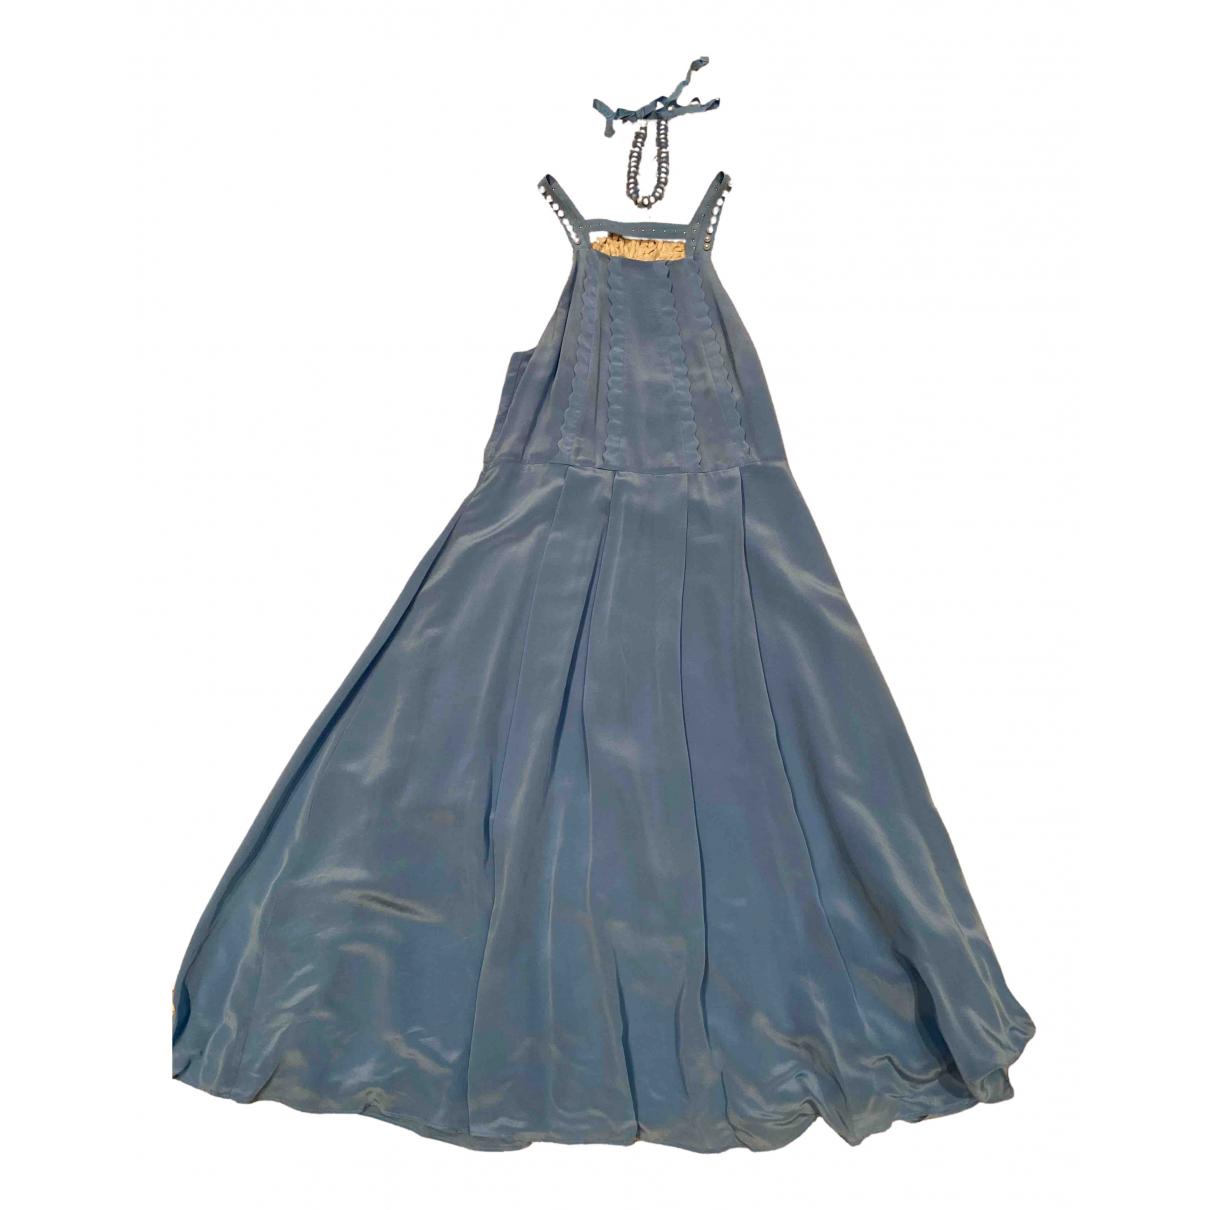 Claudie Pierlot - Robe Spring Summer 2019 pour femme en soie - bleu